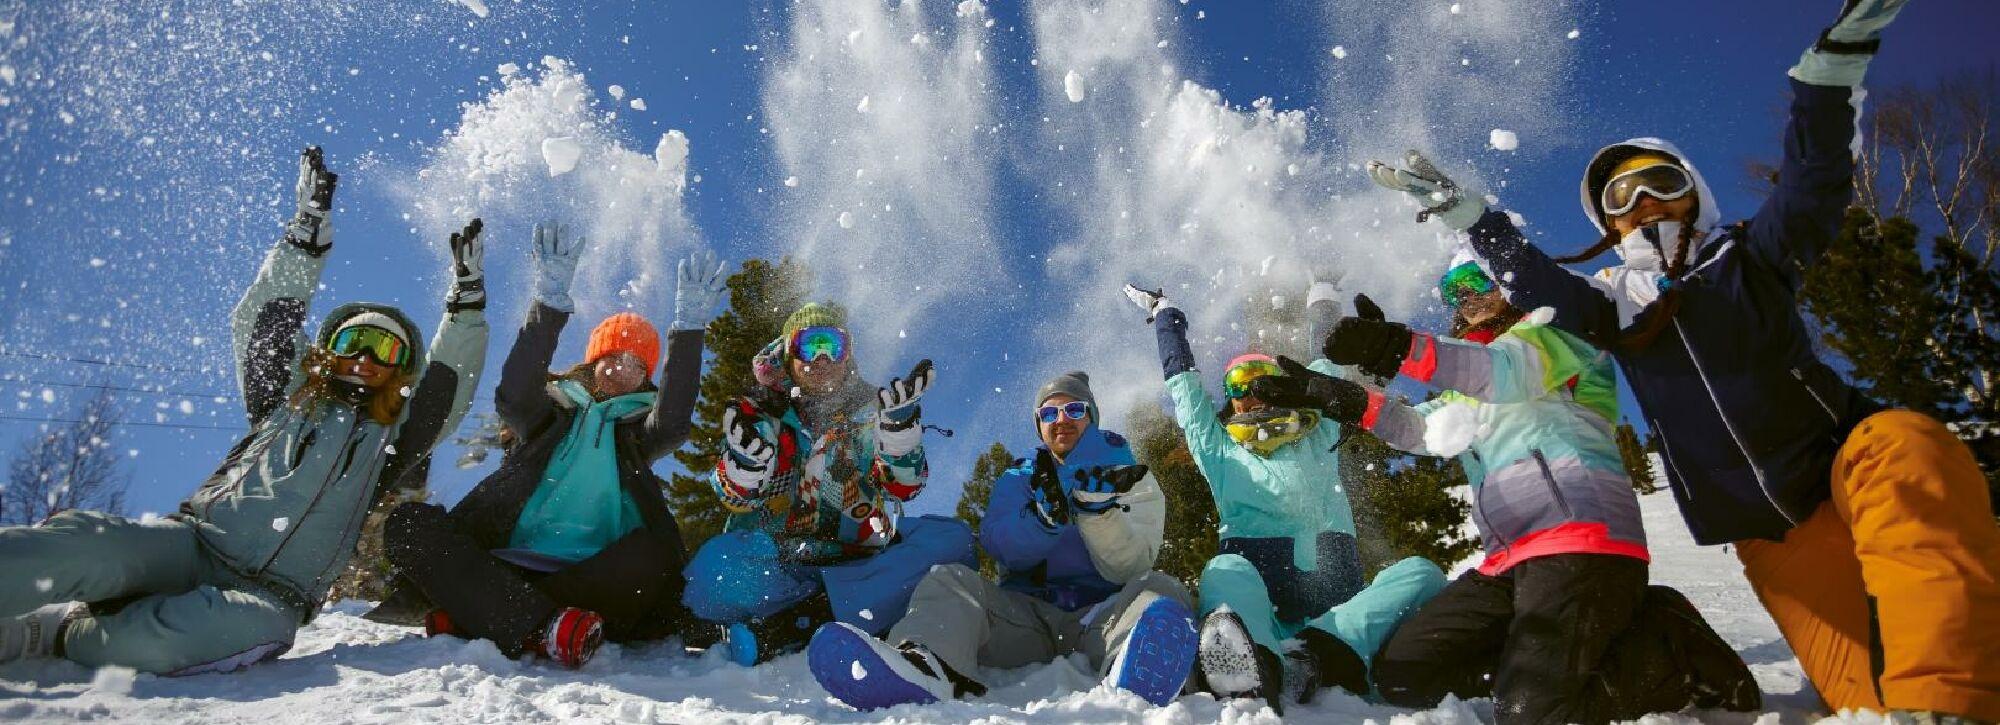 Eine Klassenfahrt in ein Skigebiet macht den meisten Schülern großen Spaß